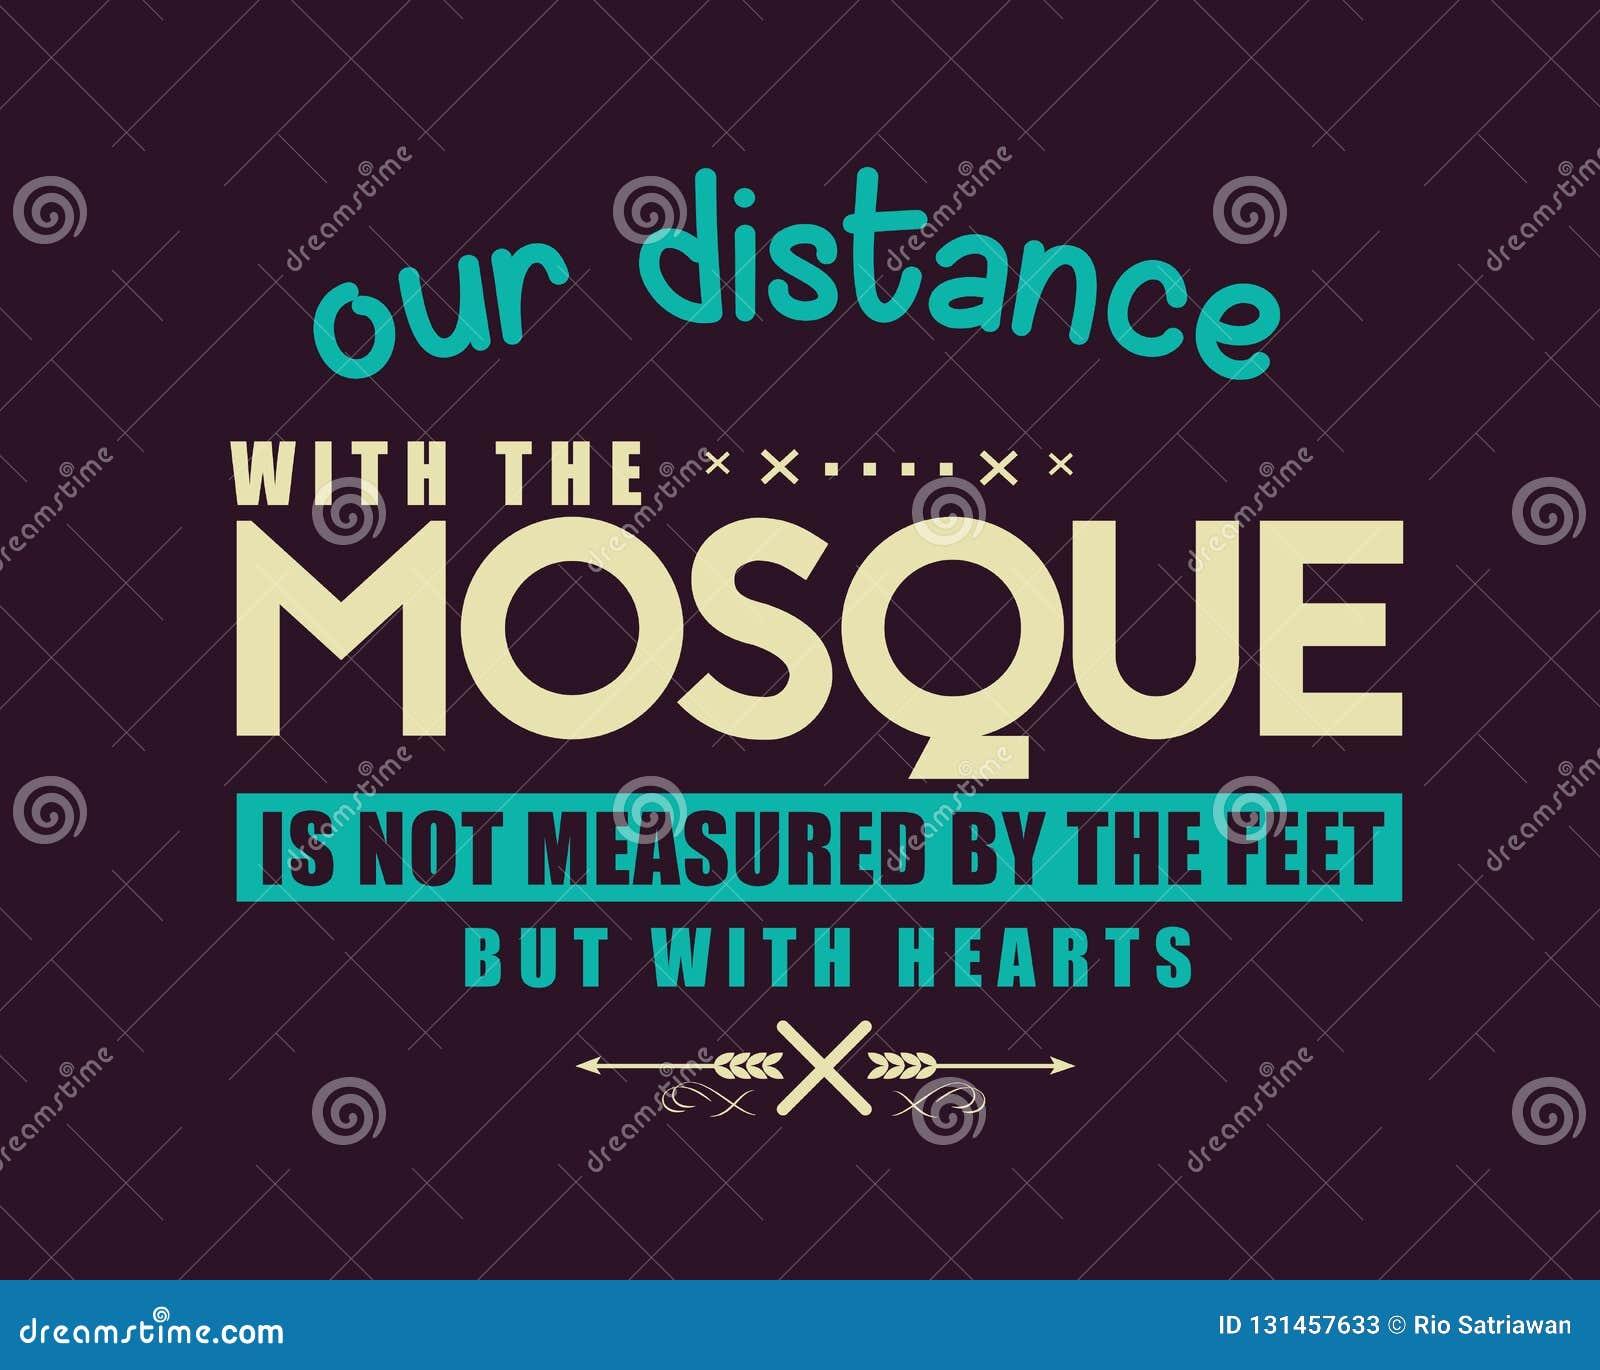 Nossa distância com a mesquita não é medida pelos pés mas com corações